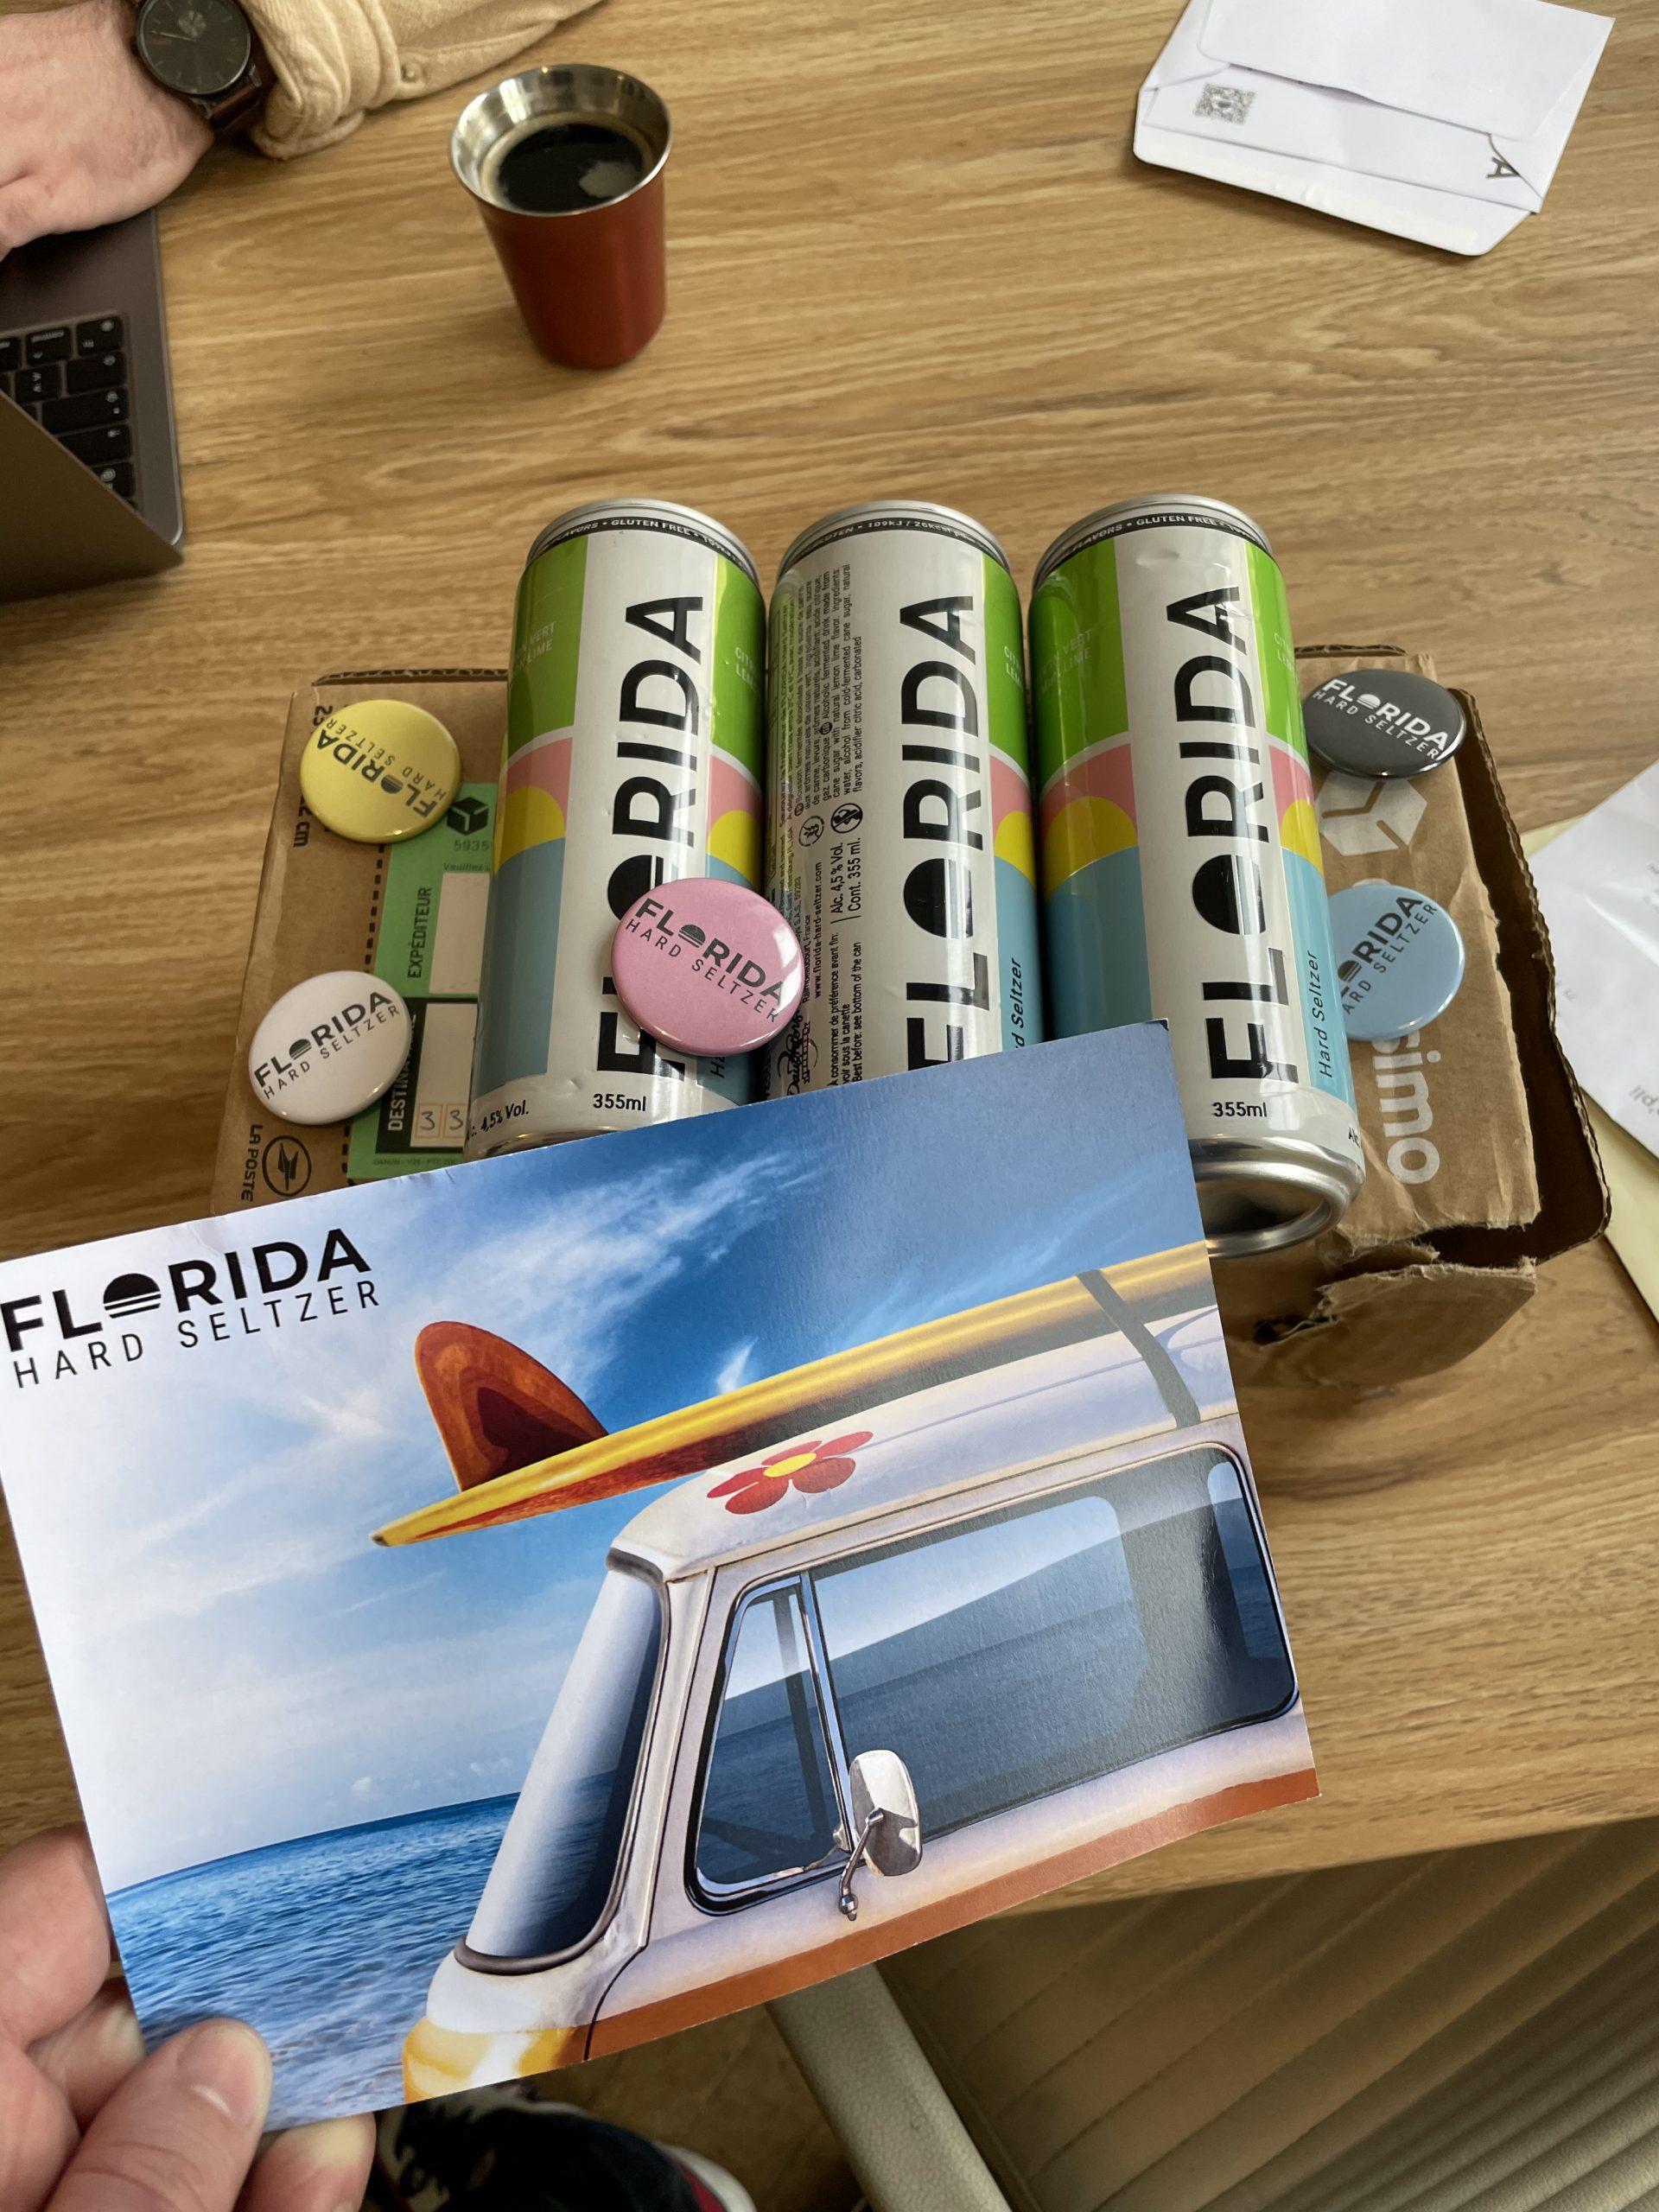 Florida : Découverte et test du hard seltzer de la marque